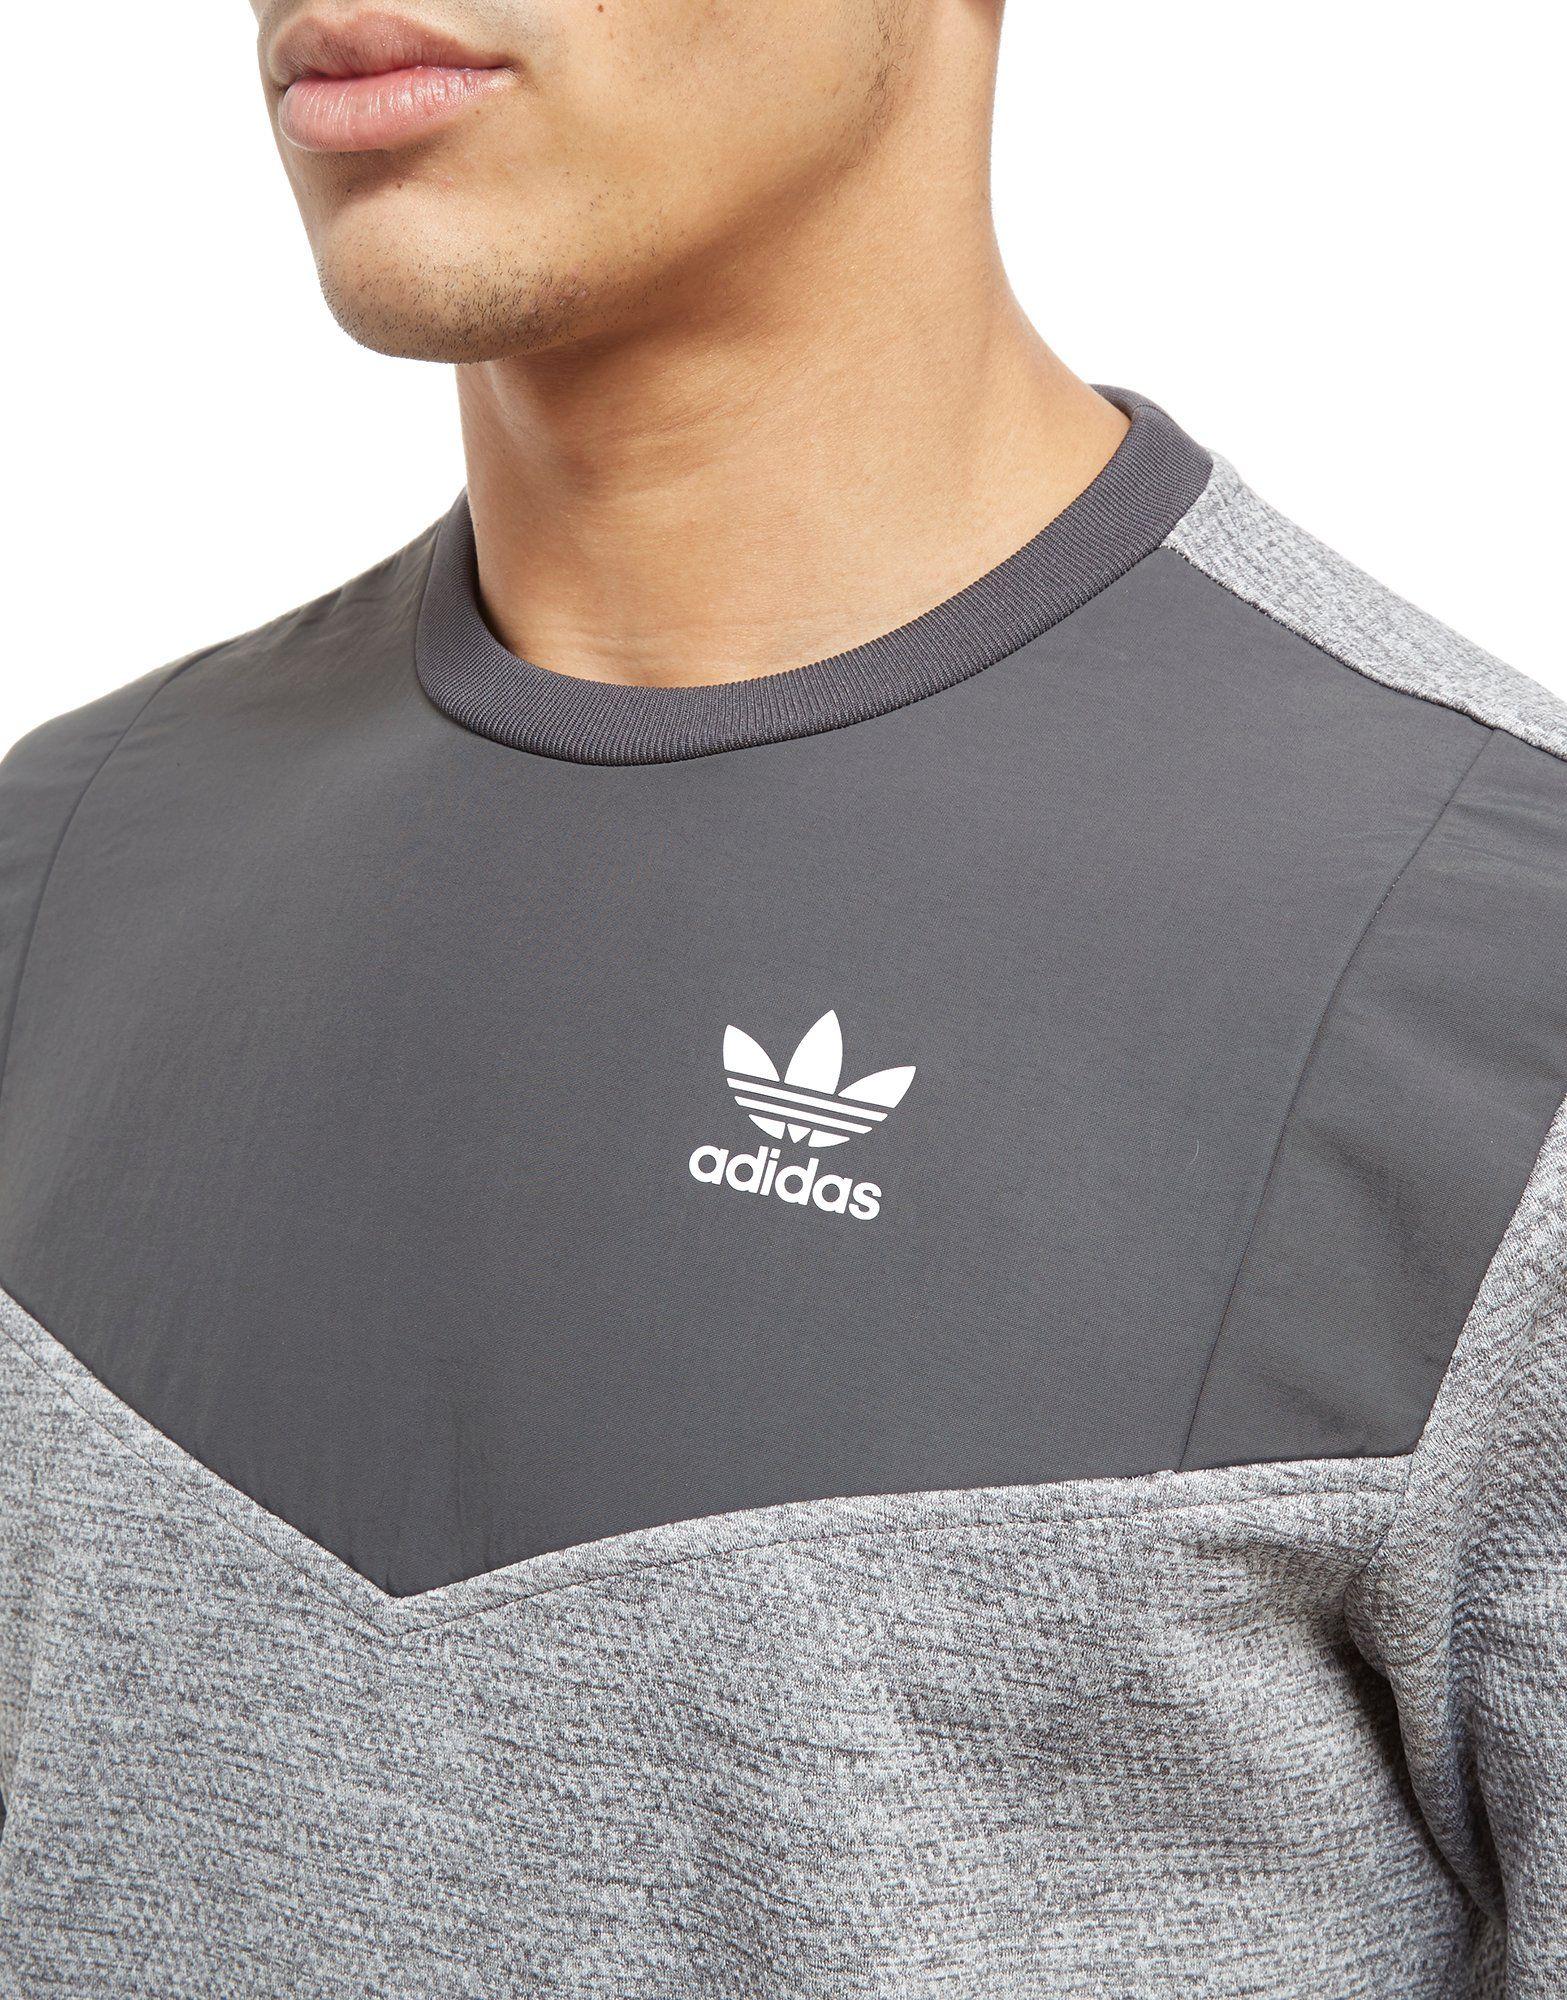 Auslasszwischenraum Store Kaufen Sie Günstig Online adidas Originals Nova Woven Crew Sweatshirt Grau afoNsA